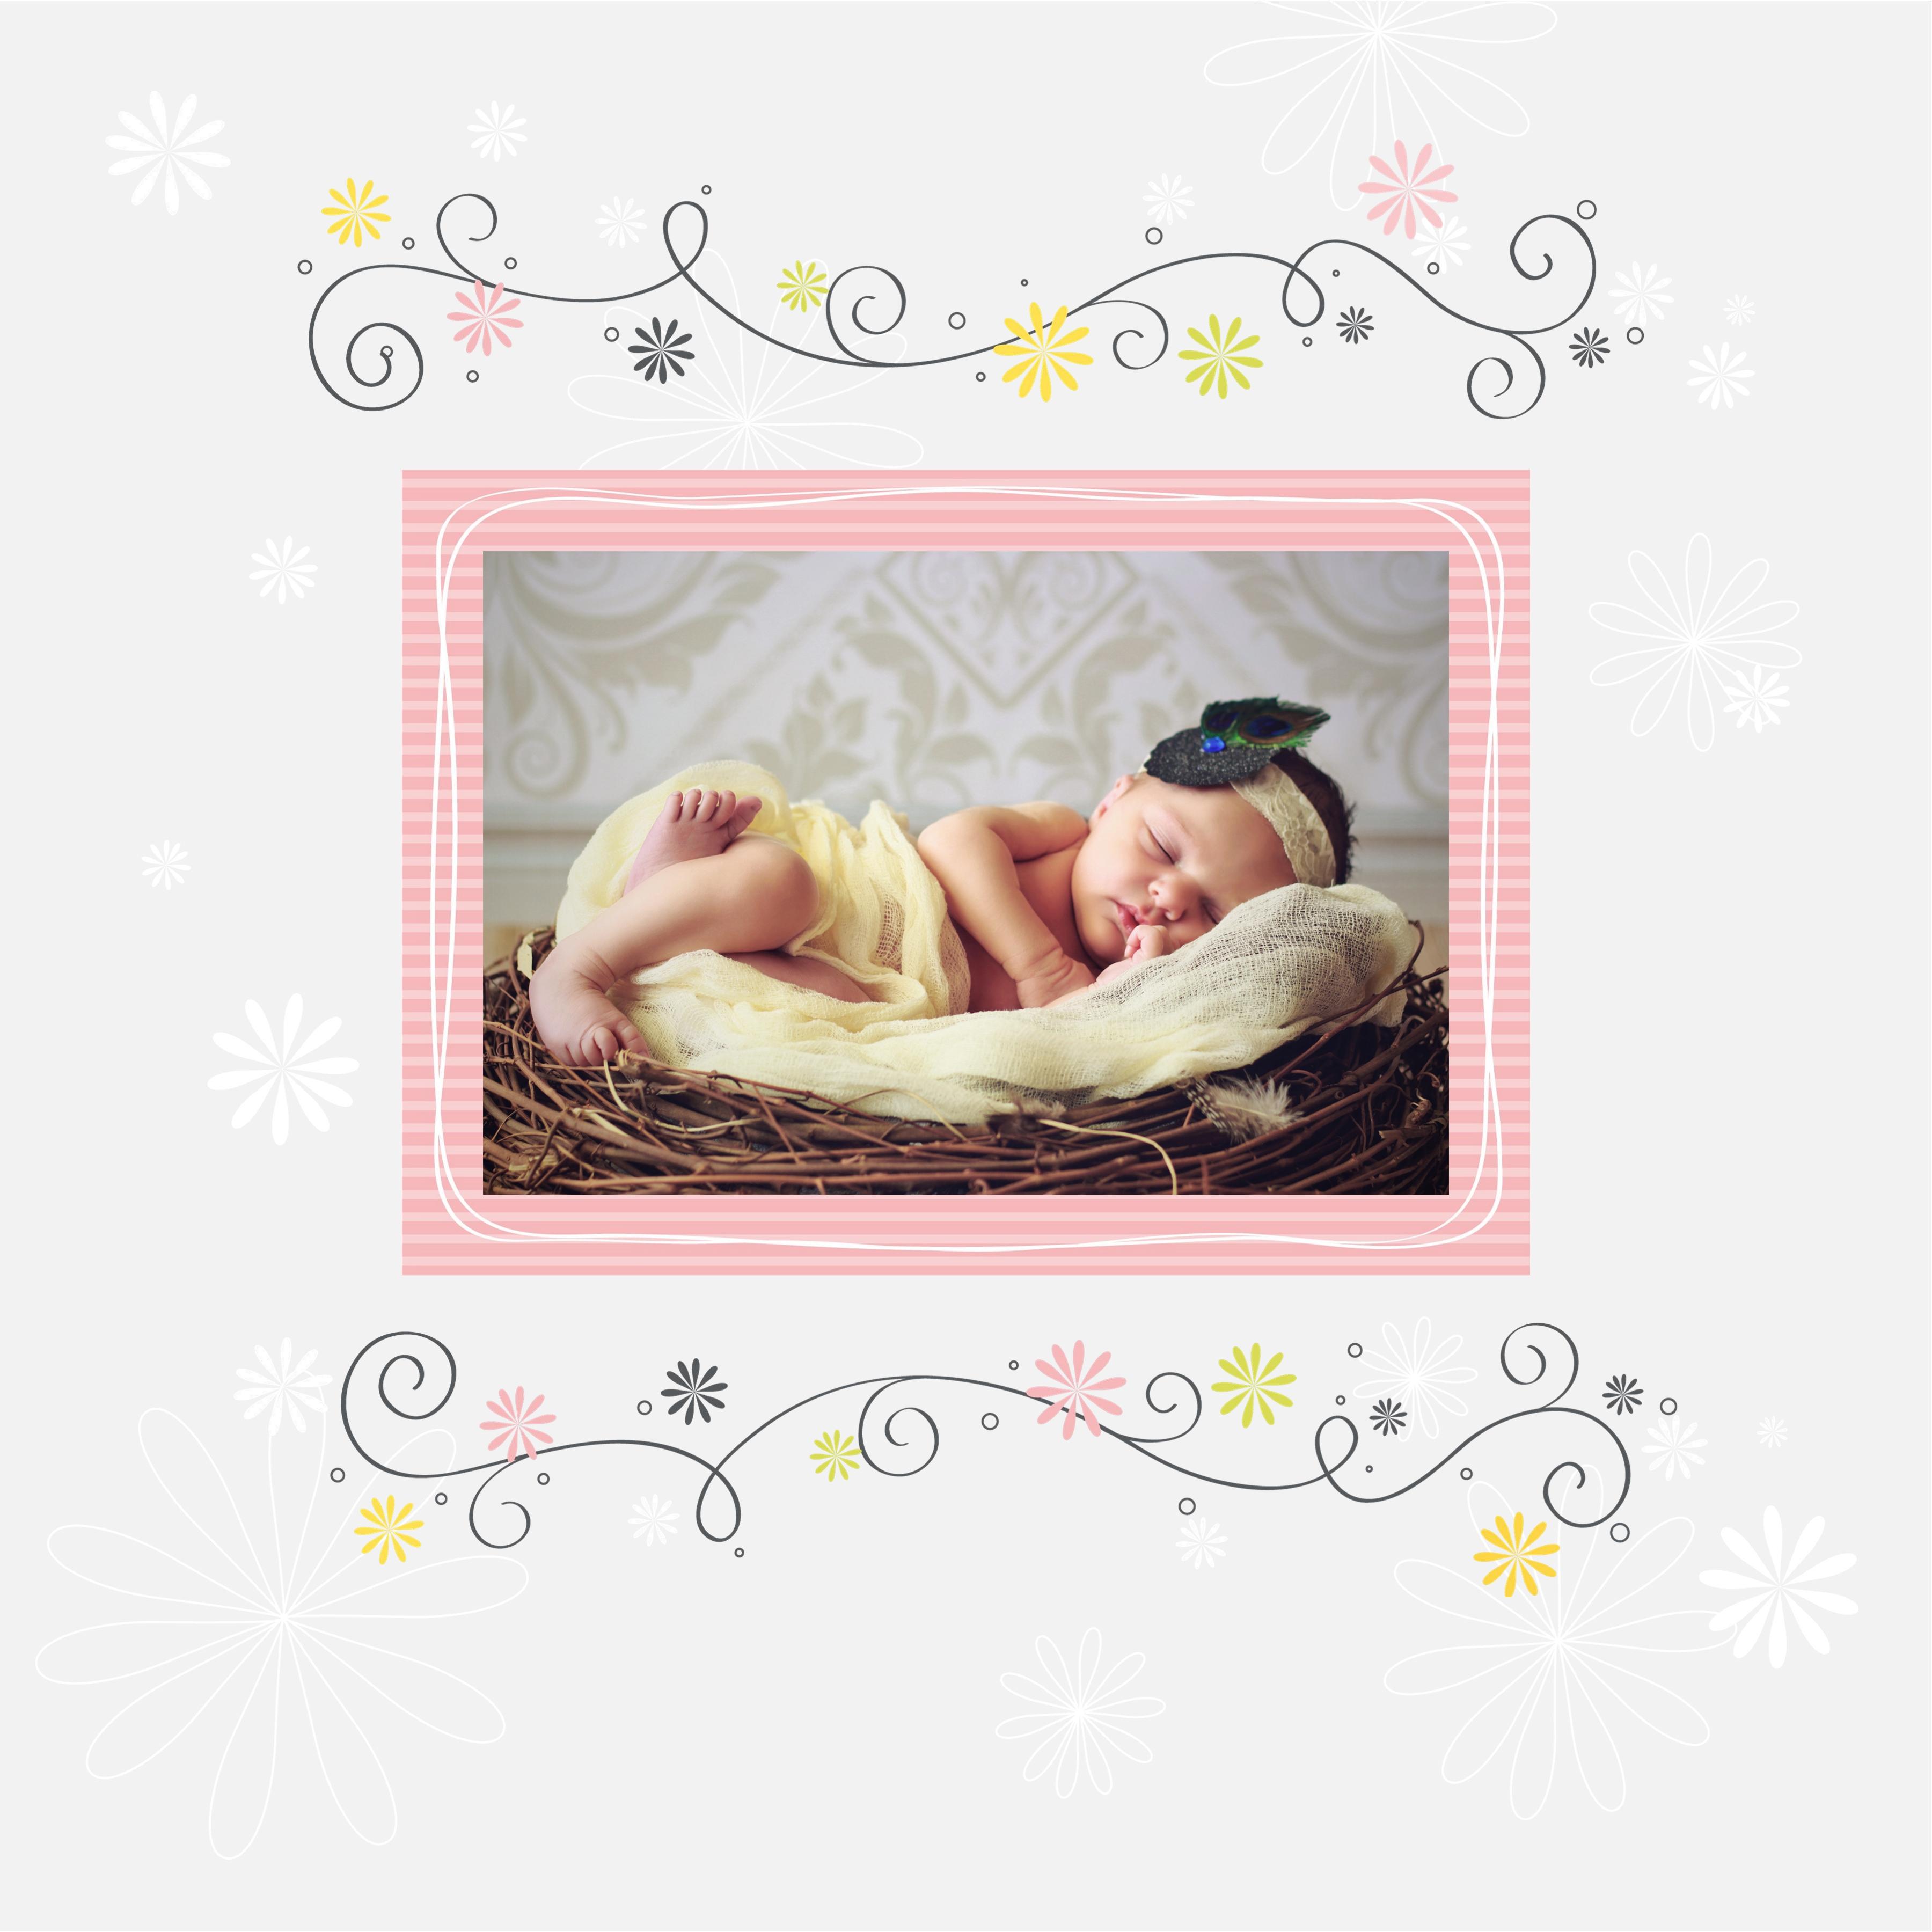 BabyGirl - Page 019.jpg